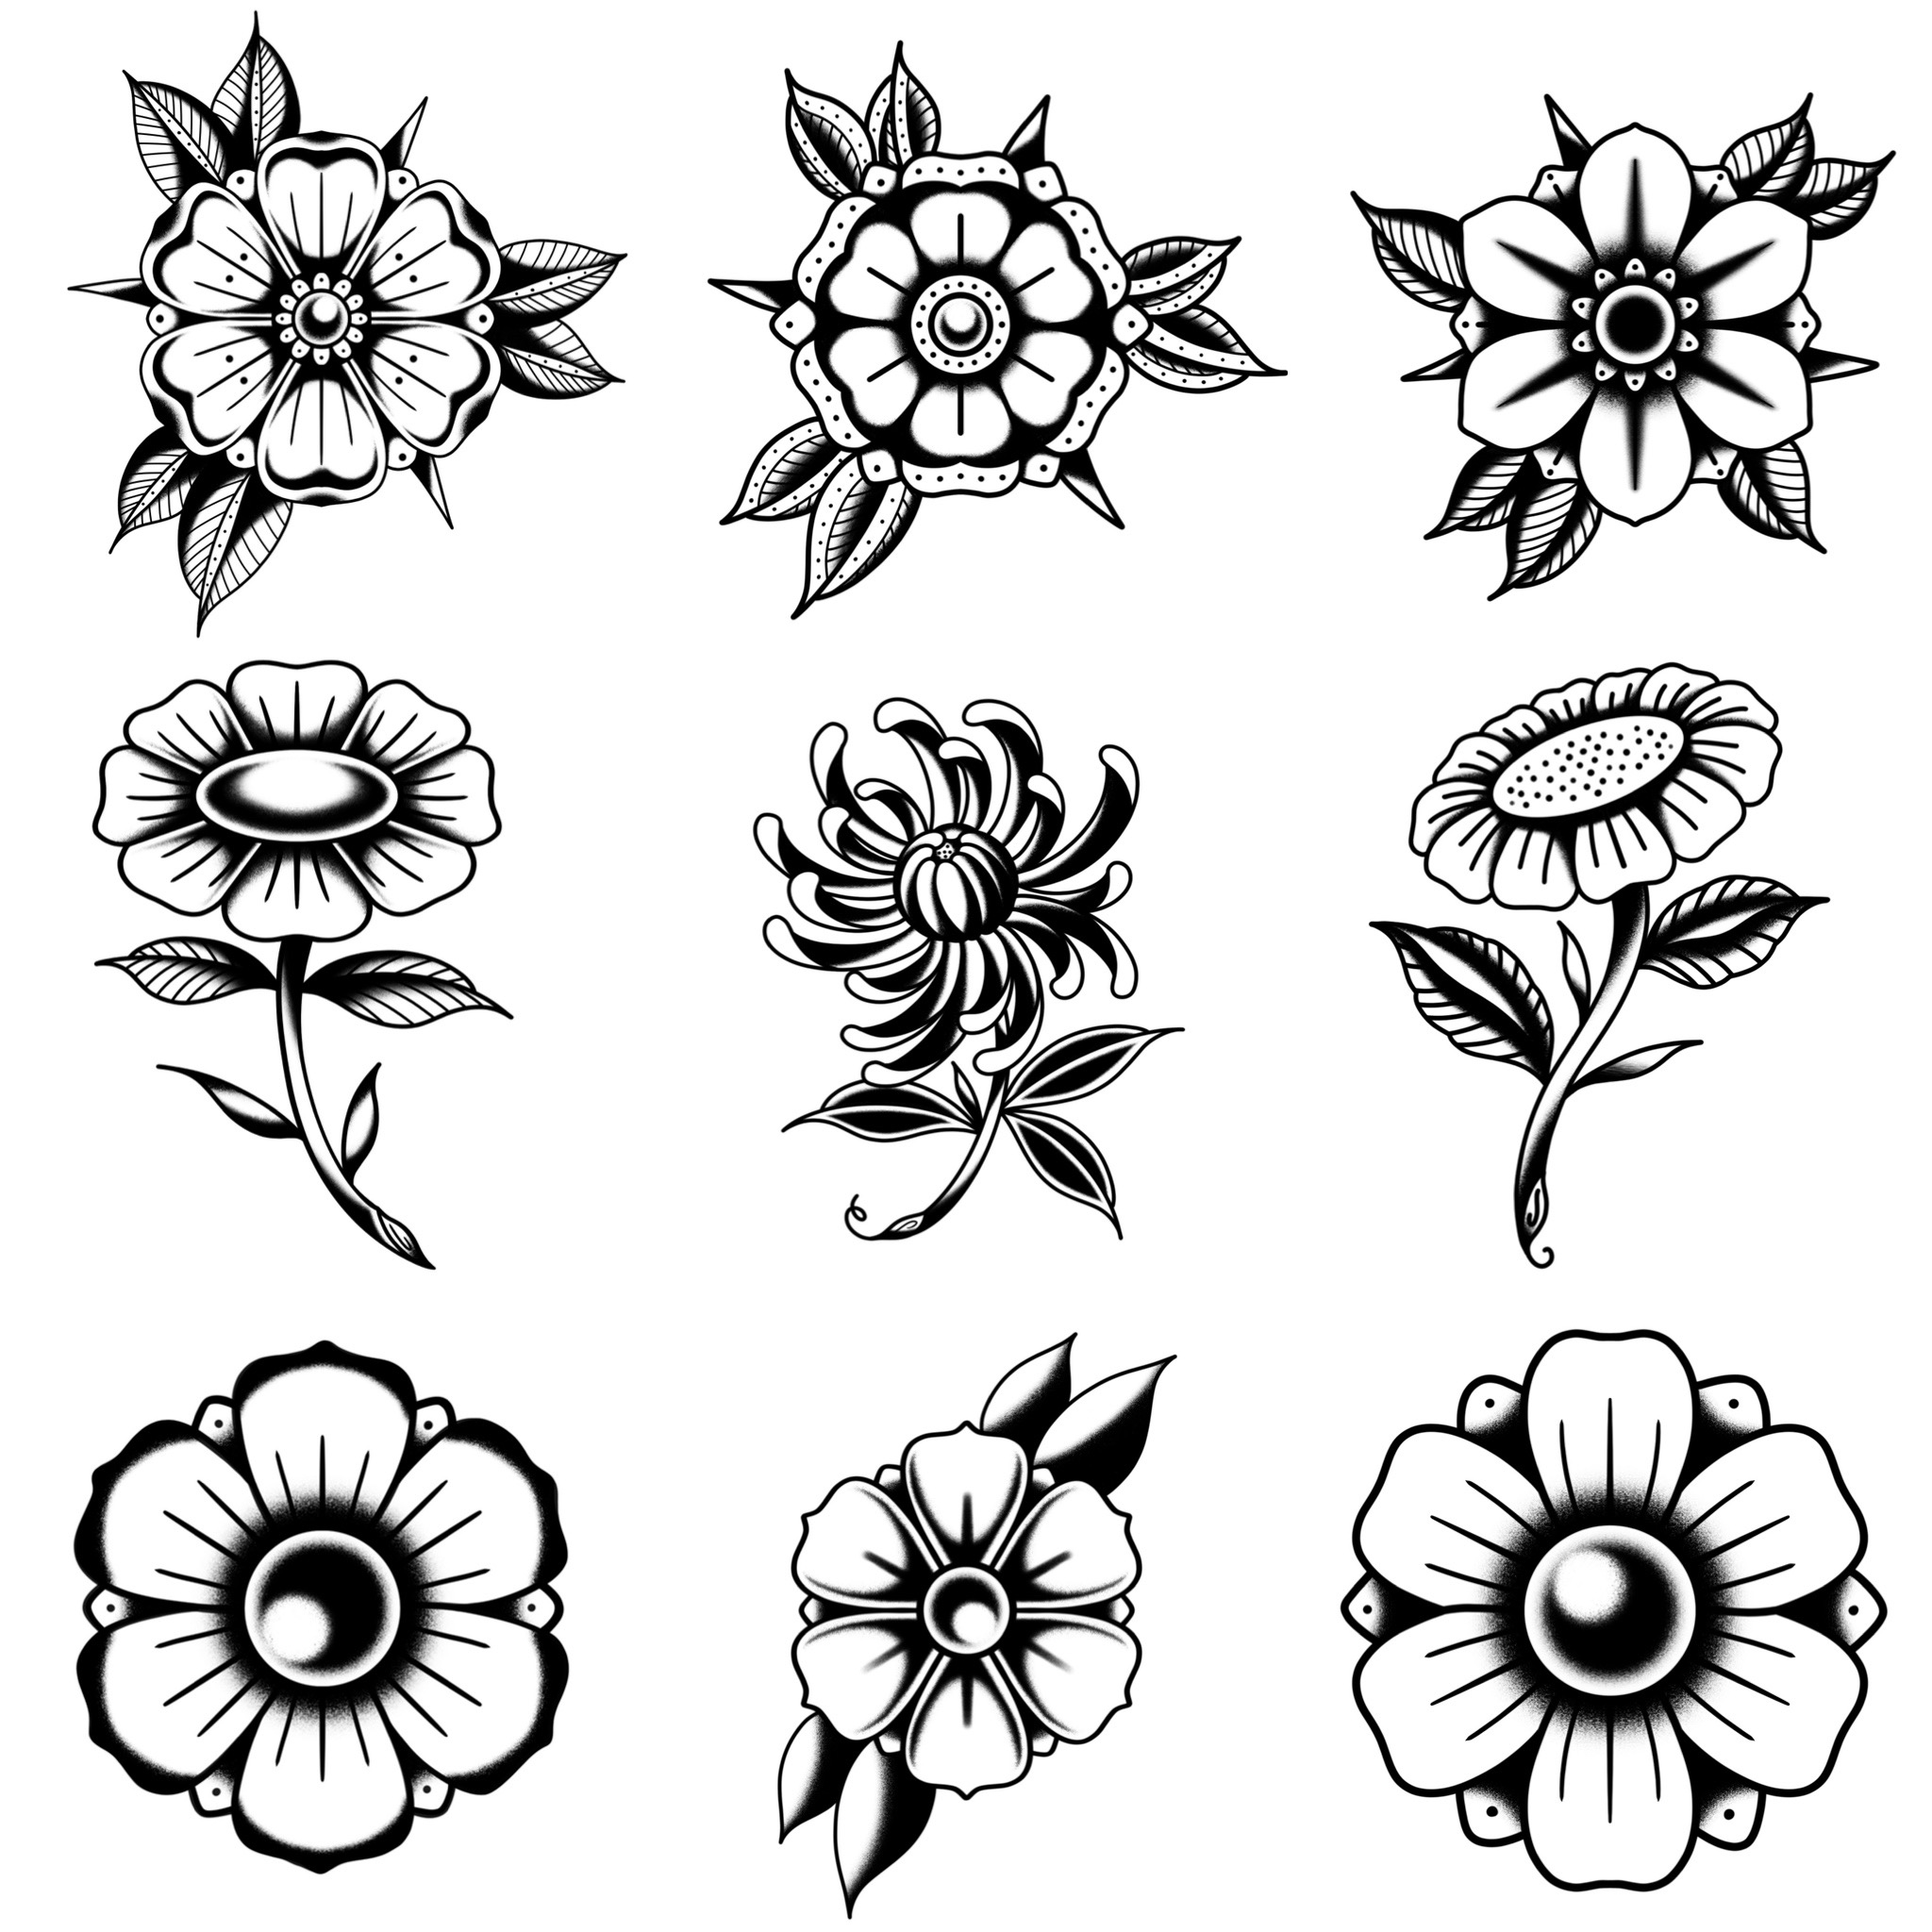 ブラックトラディショナル トラディショナル定番の花モチーフのデザイン タトゥーデザイン トラディショナル 《東京タトゥースタジオ》